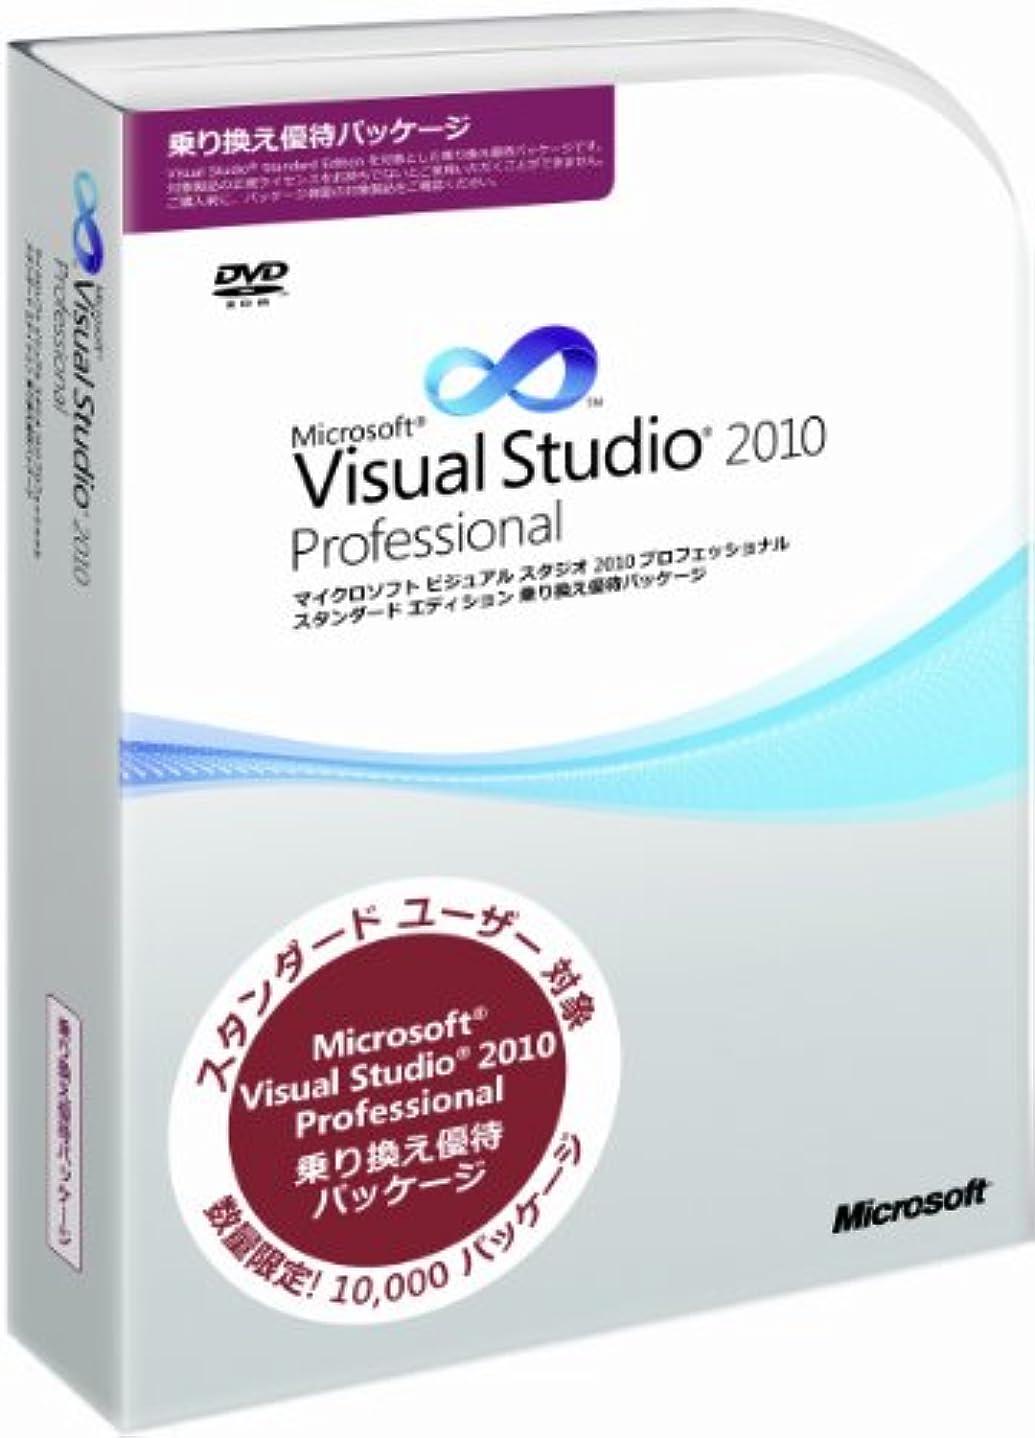 舞い上がるファイアルアパルMicrosoft Visual Studio 2010 Professional 乗換優待パッケージ